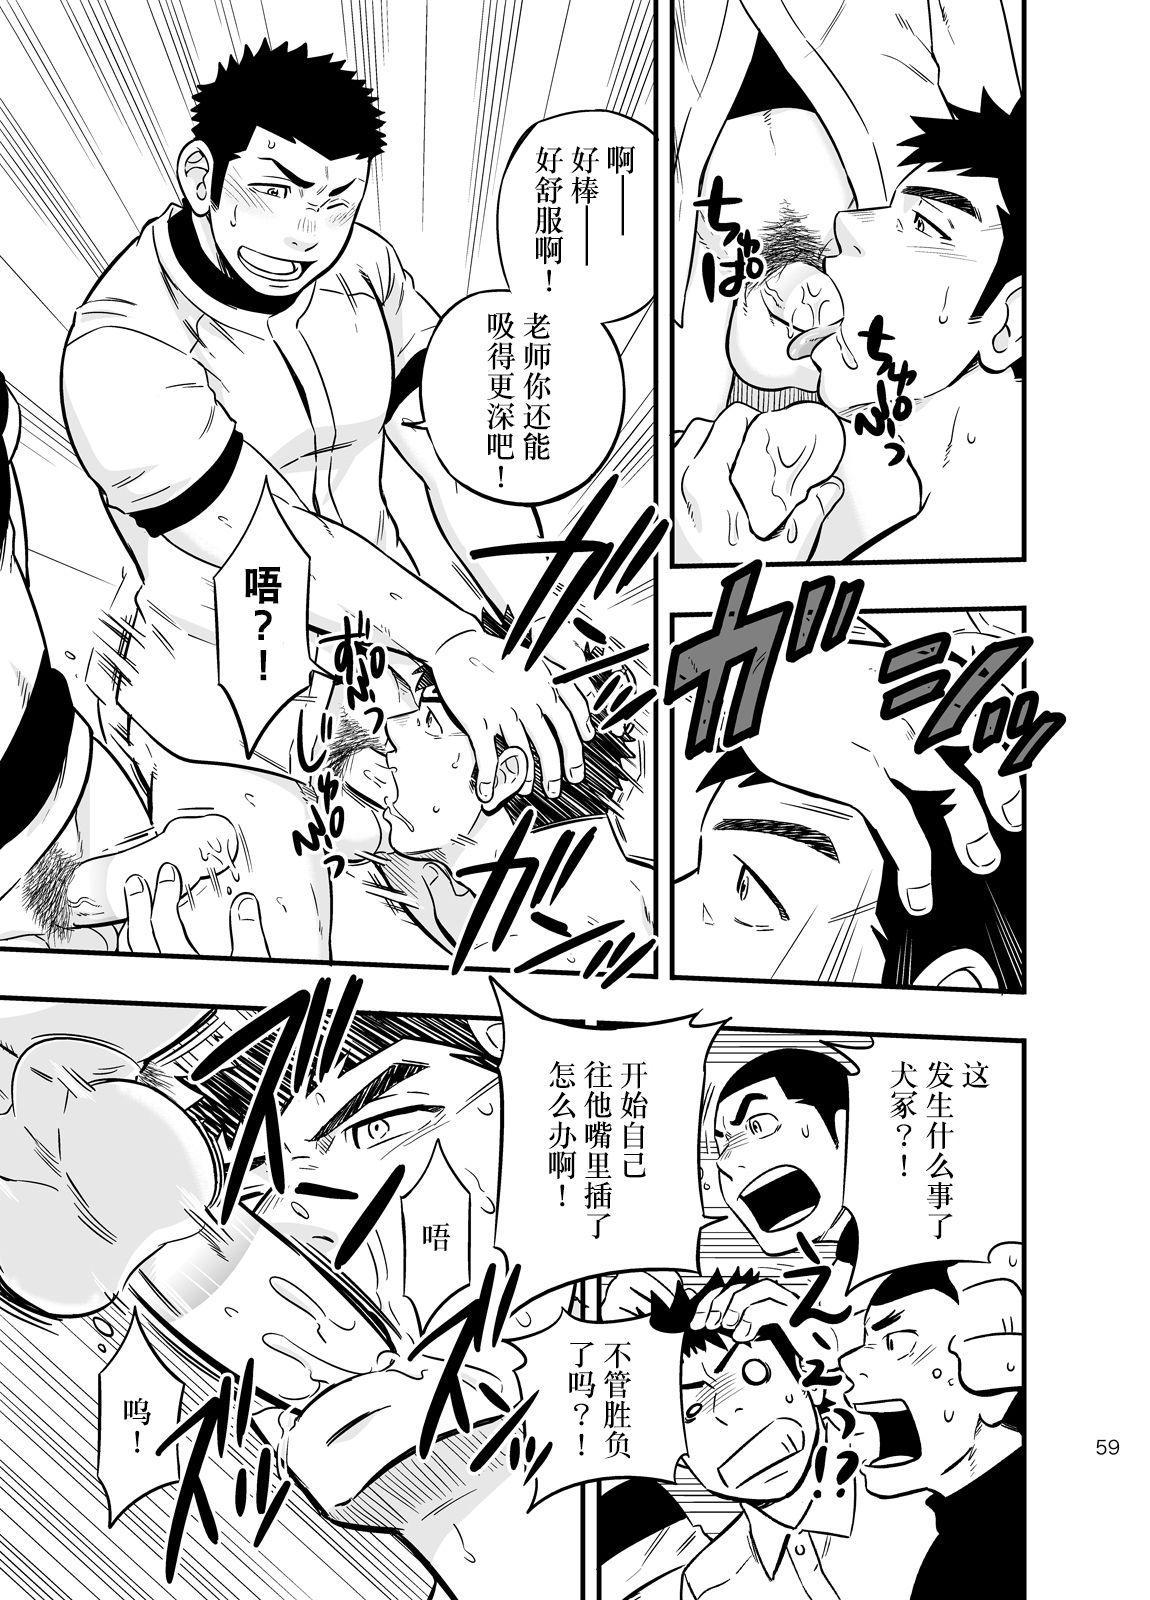 Moshimo Danshikou no Hoken Taiiku ga Jitsugi Ari Dattara 2 | 如果男校的保健体育课有实践环节的话 2 57